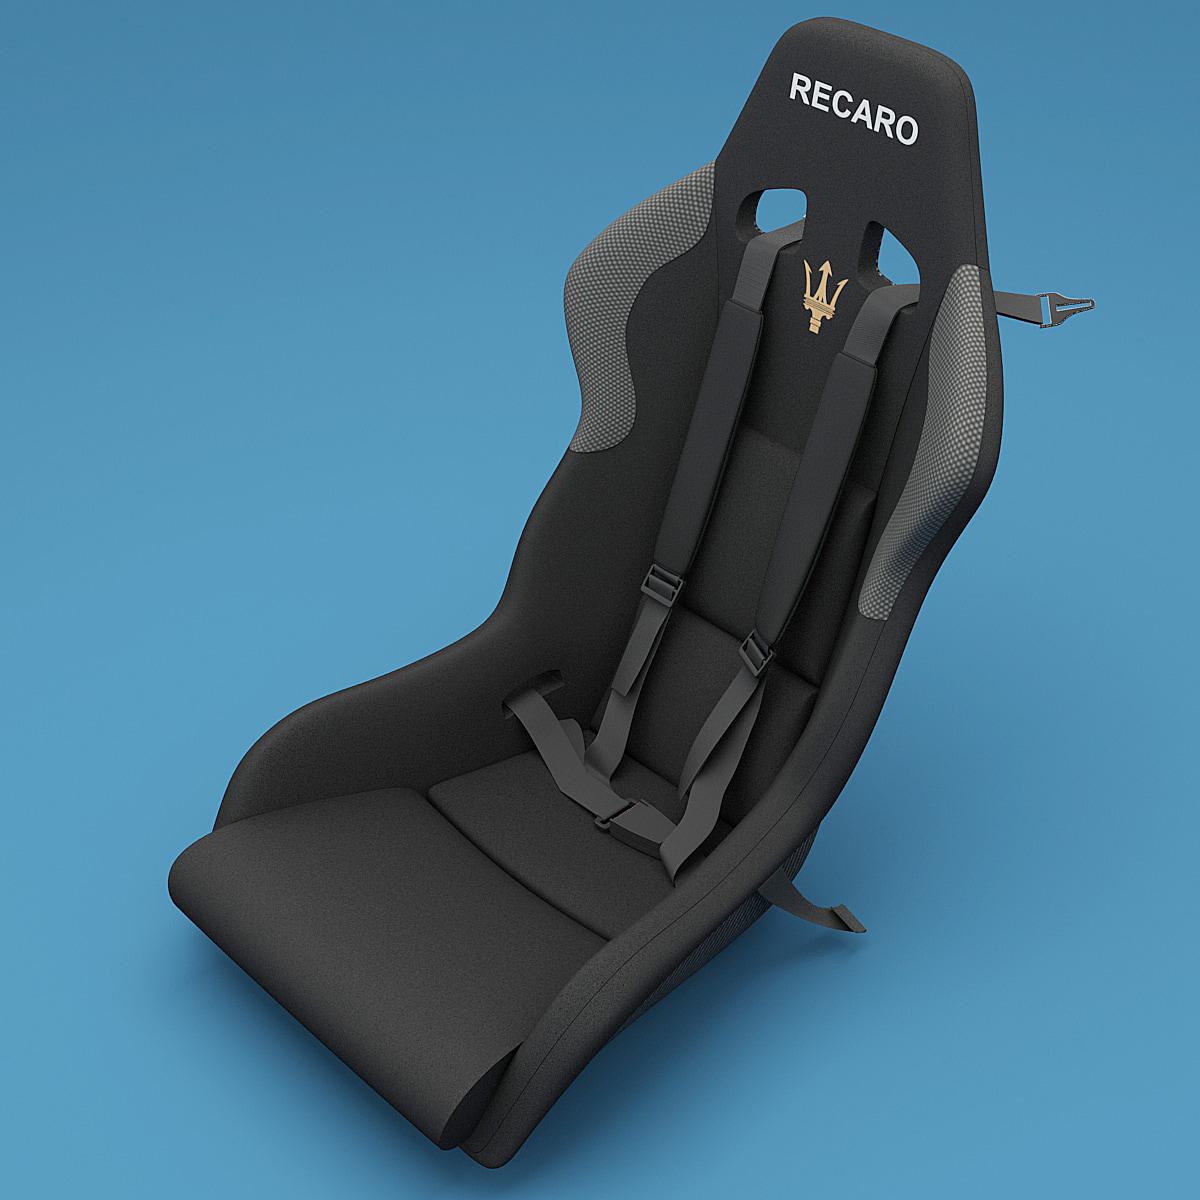 Maserati_Seat_V2_Vray_1.jpg